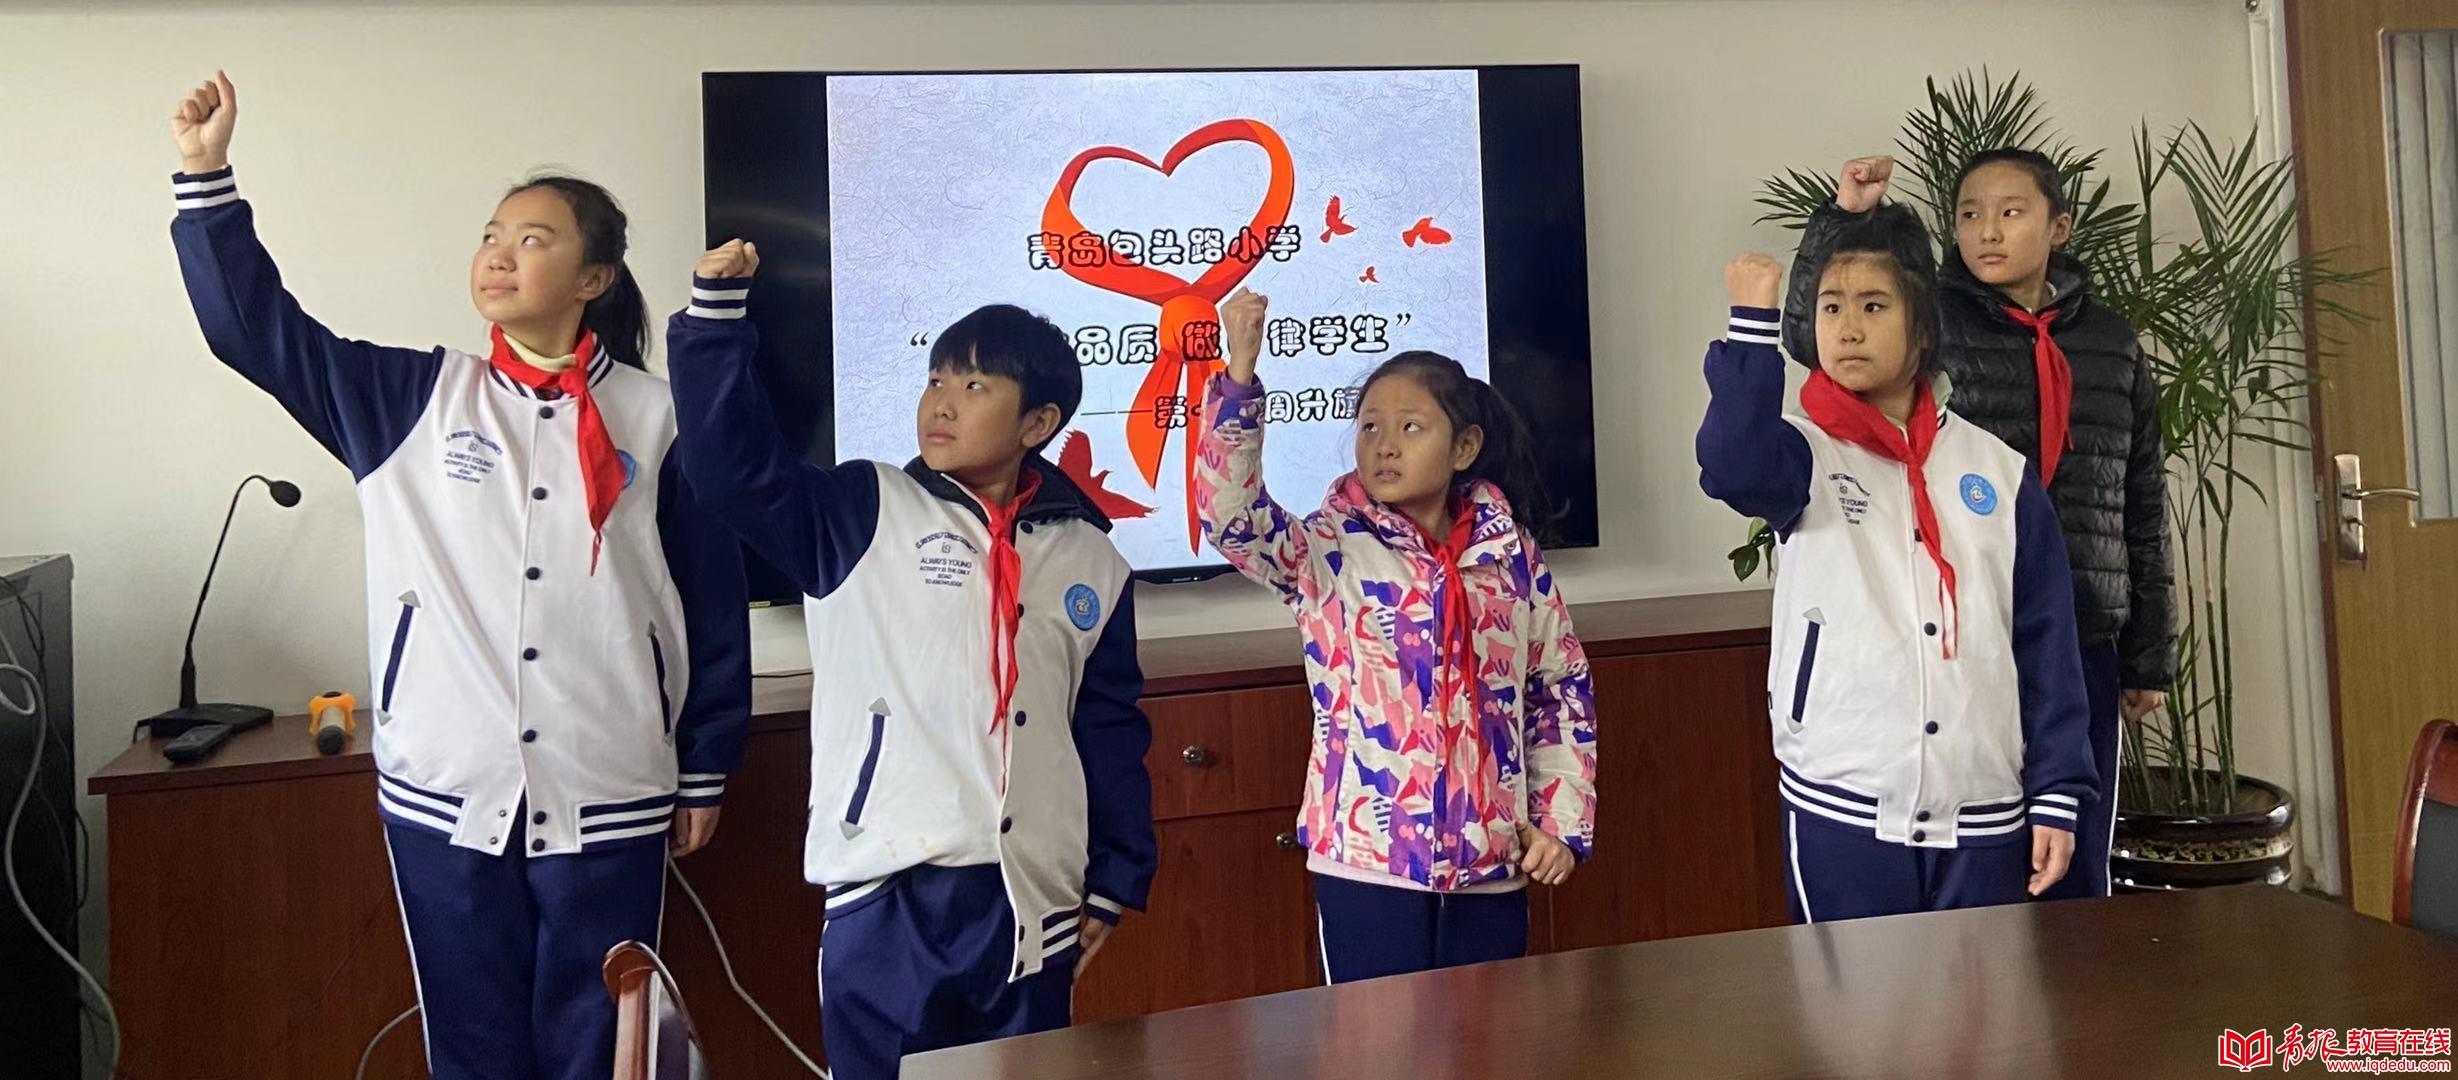 青岛包头路小学:树自律品质,做自律队员